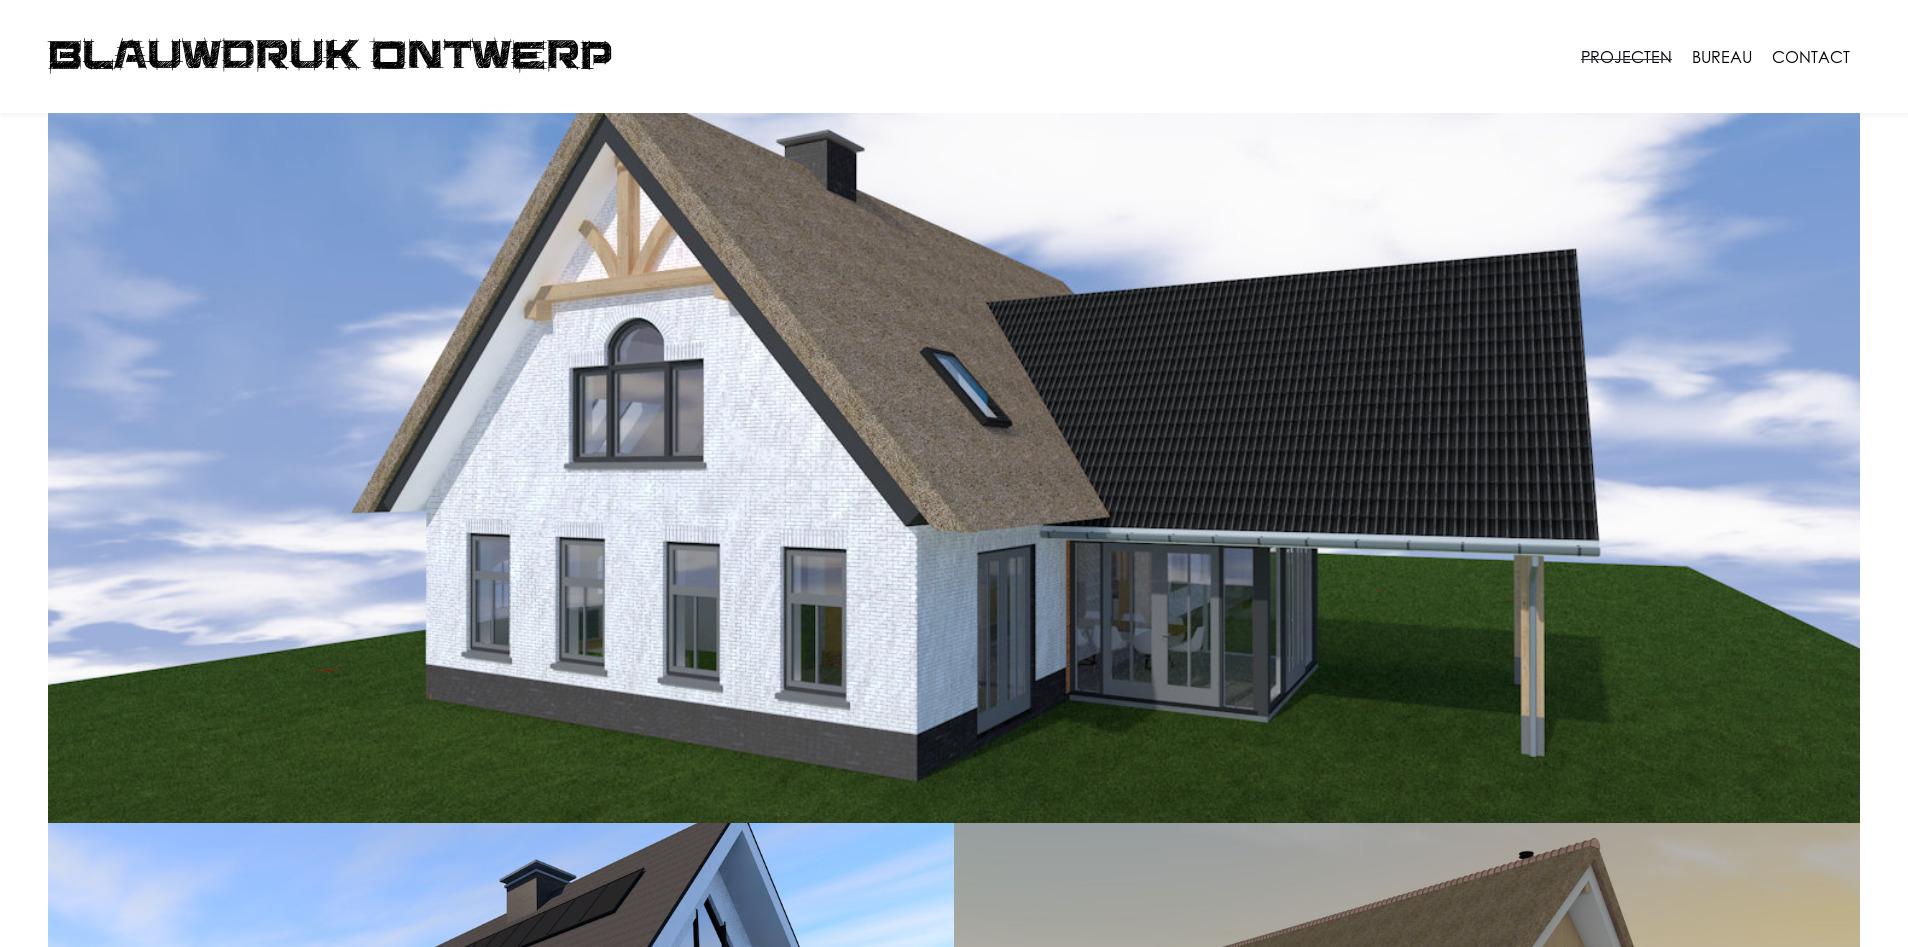 Screenshot_2019-01-23 https blauwdrukontwerp nl.jpg